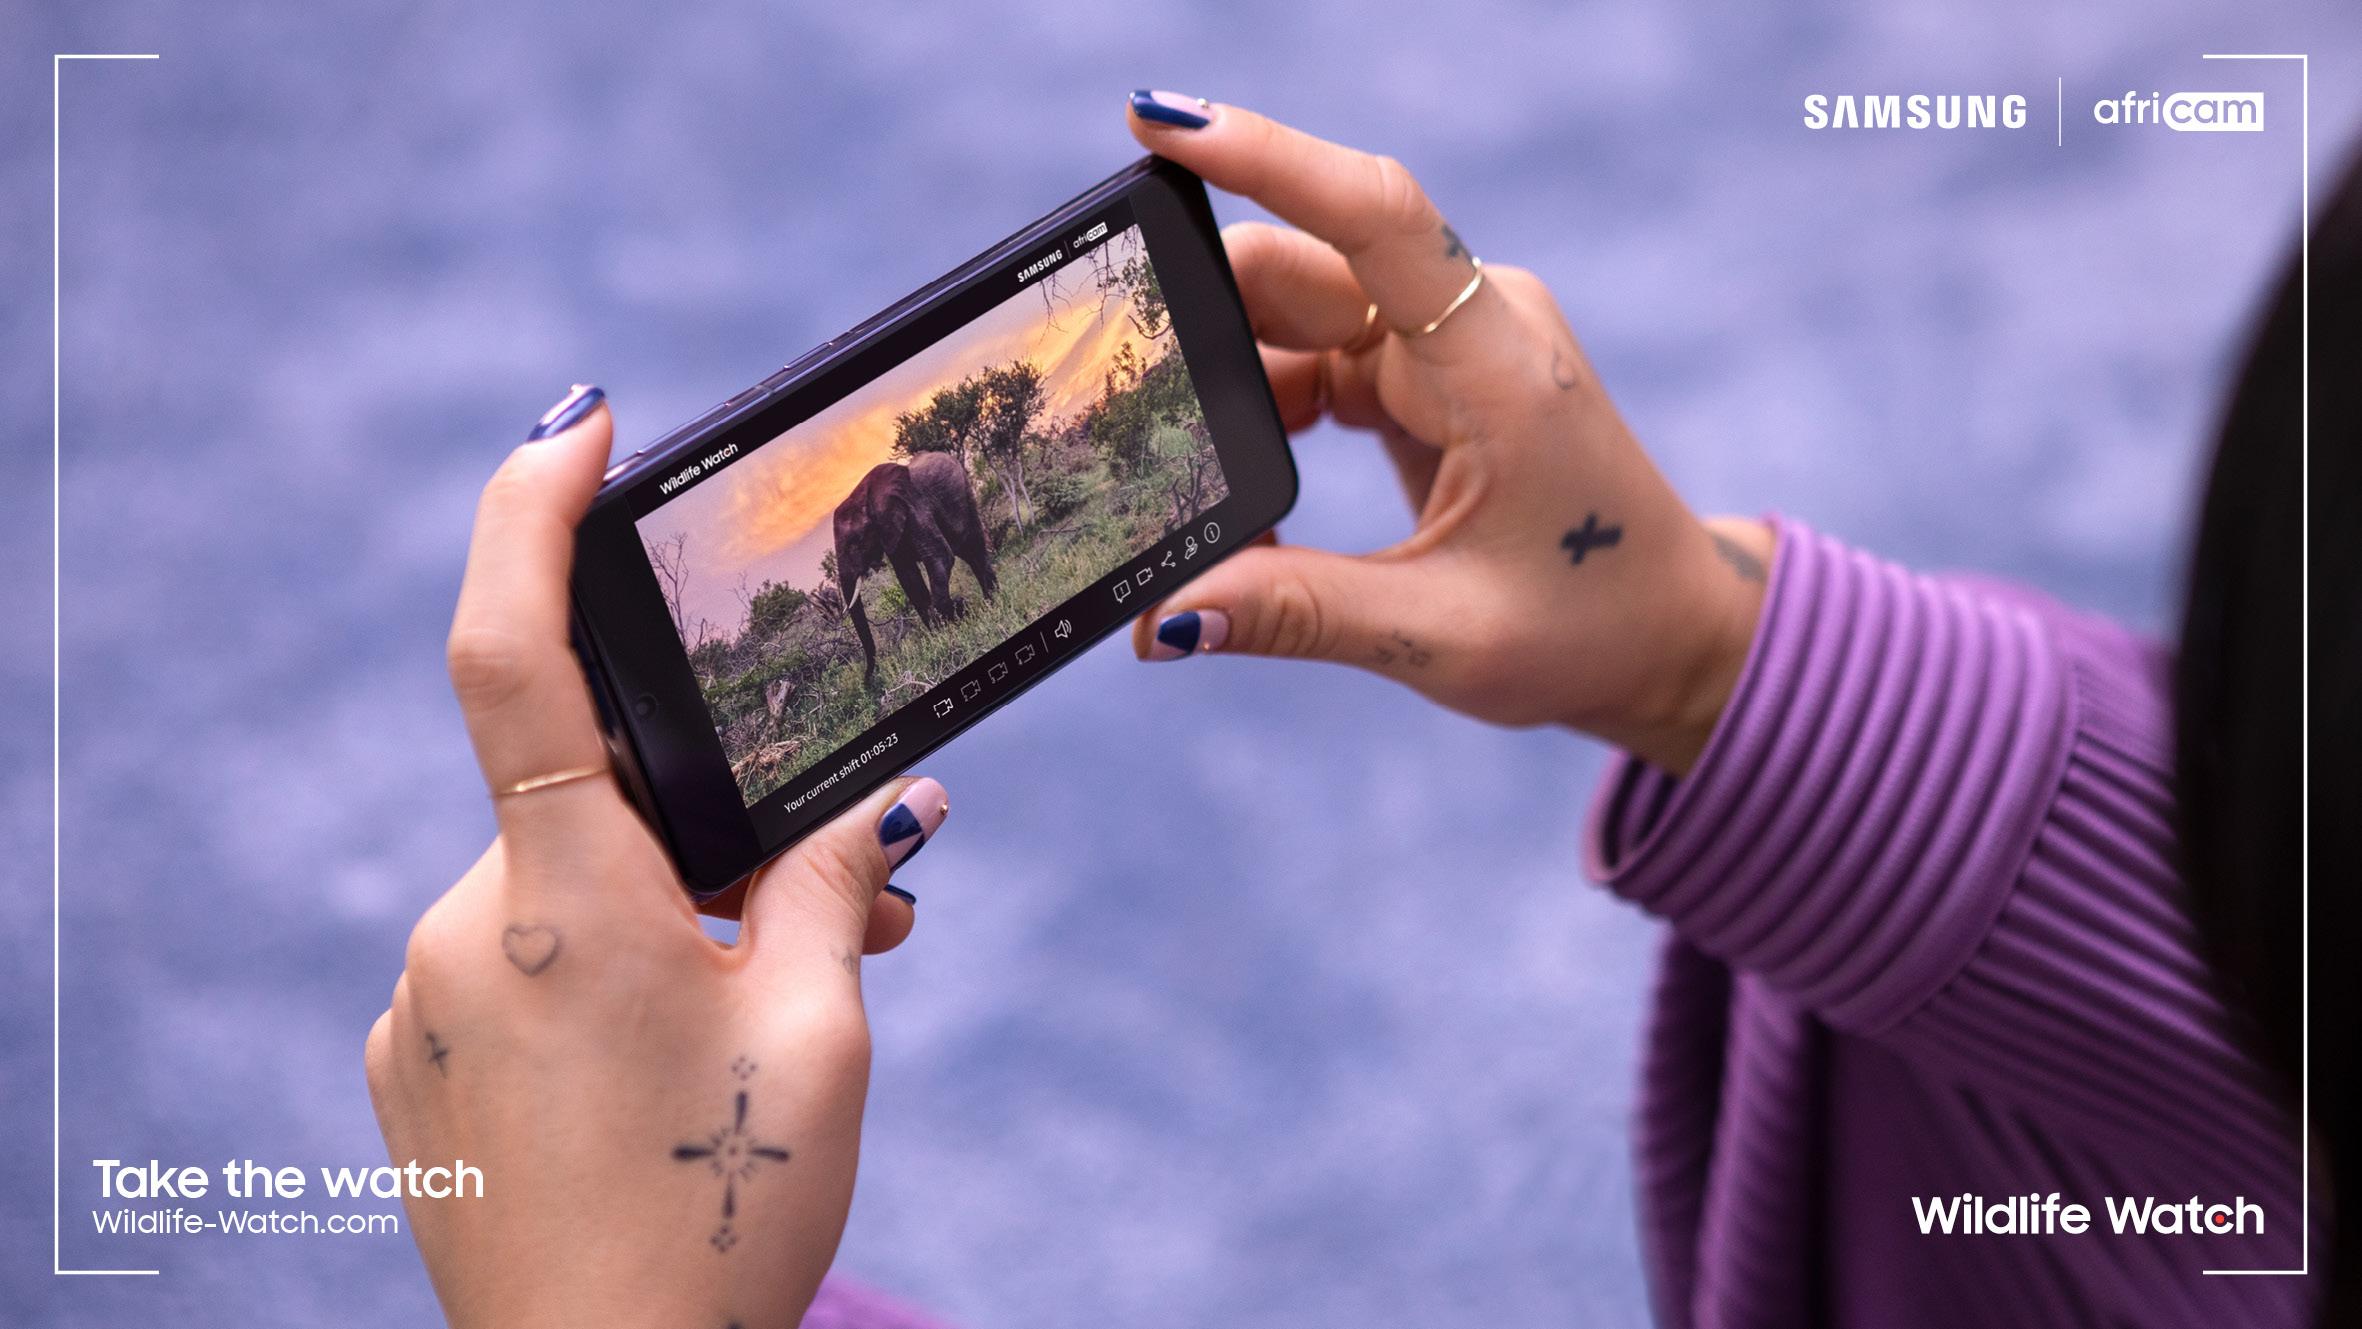 Wildlife Watch de Samsung vous invite à devenir un ranger virtuel et à surveiller en direct les espèces menacées du bush africain - Samsung Newsroom Belgique